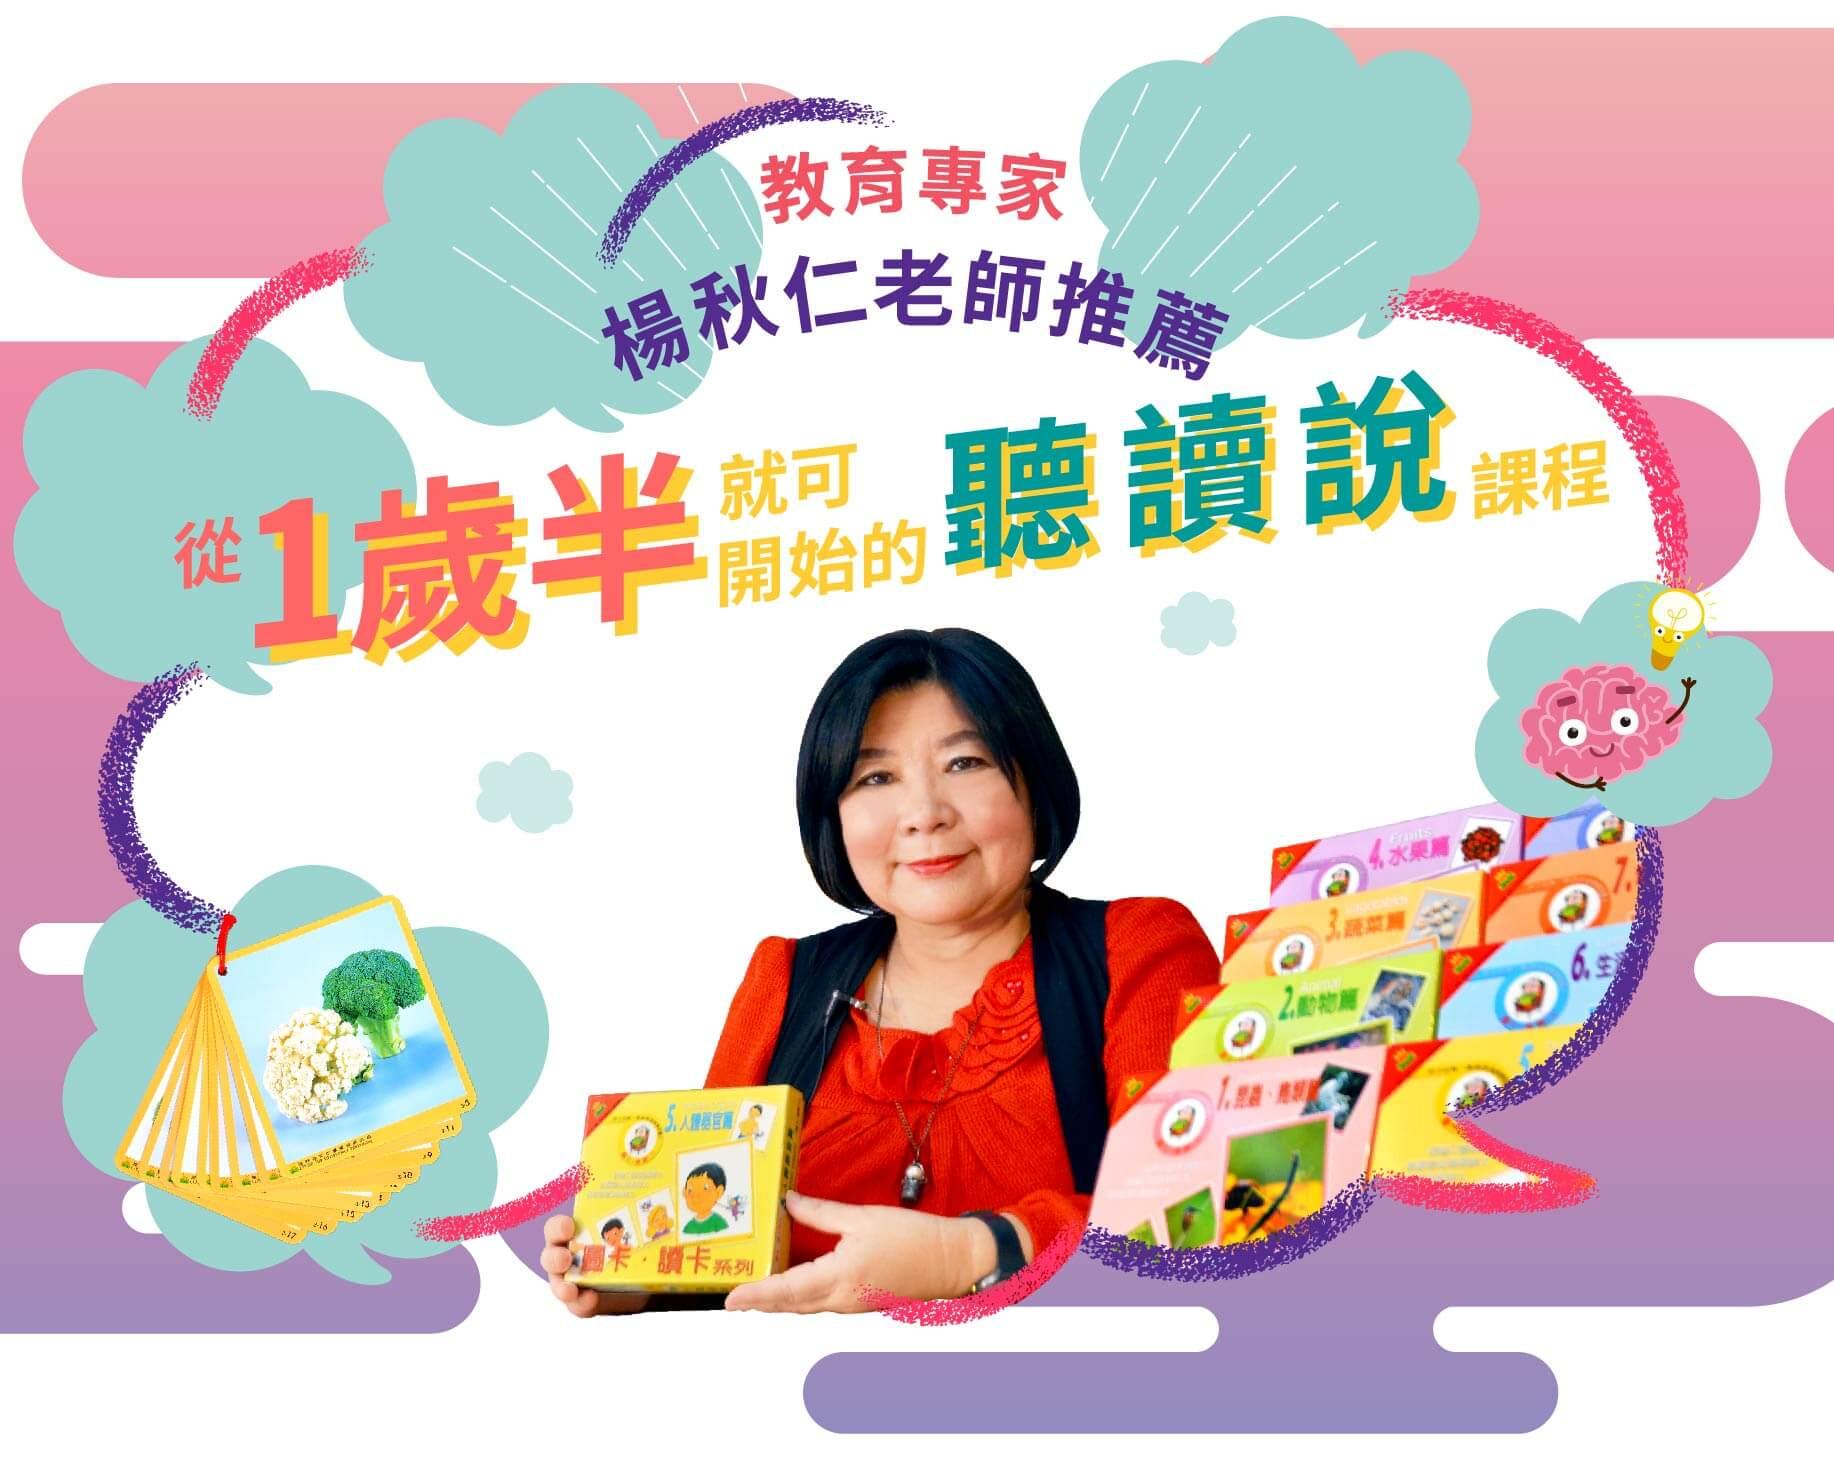 孩子開口說,孩子口語表達,教育專家楊秋仁老師推薦,從1歲半就可開始的聽讀說課程,促進認知與說話用語表達